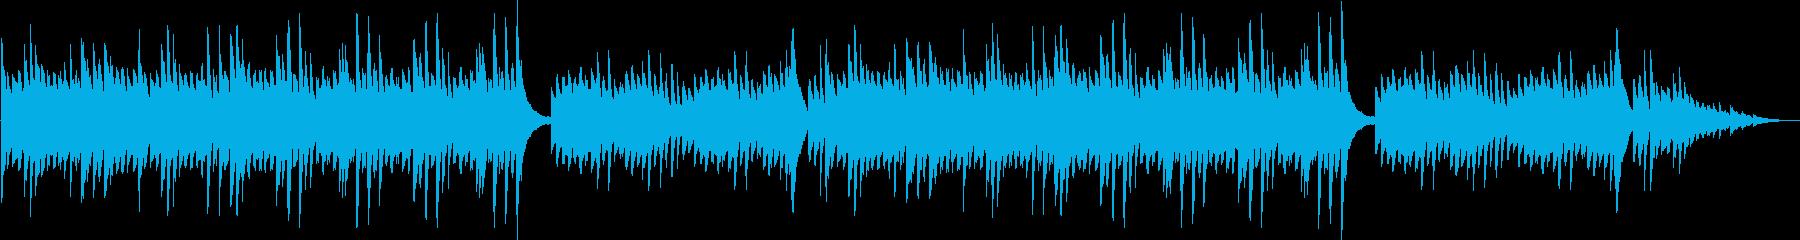 端正で繊細なピアノの伴奏曲の再生済みの波形